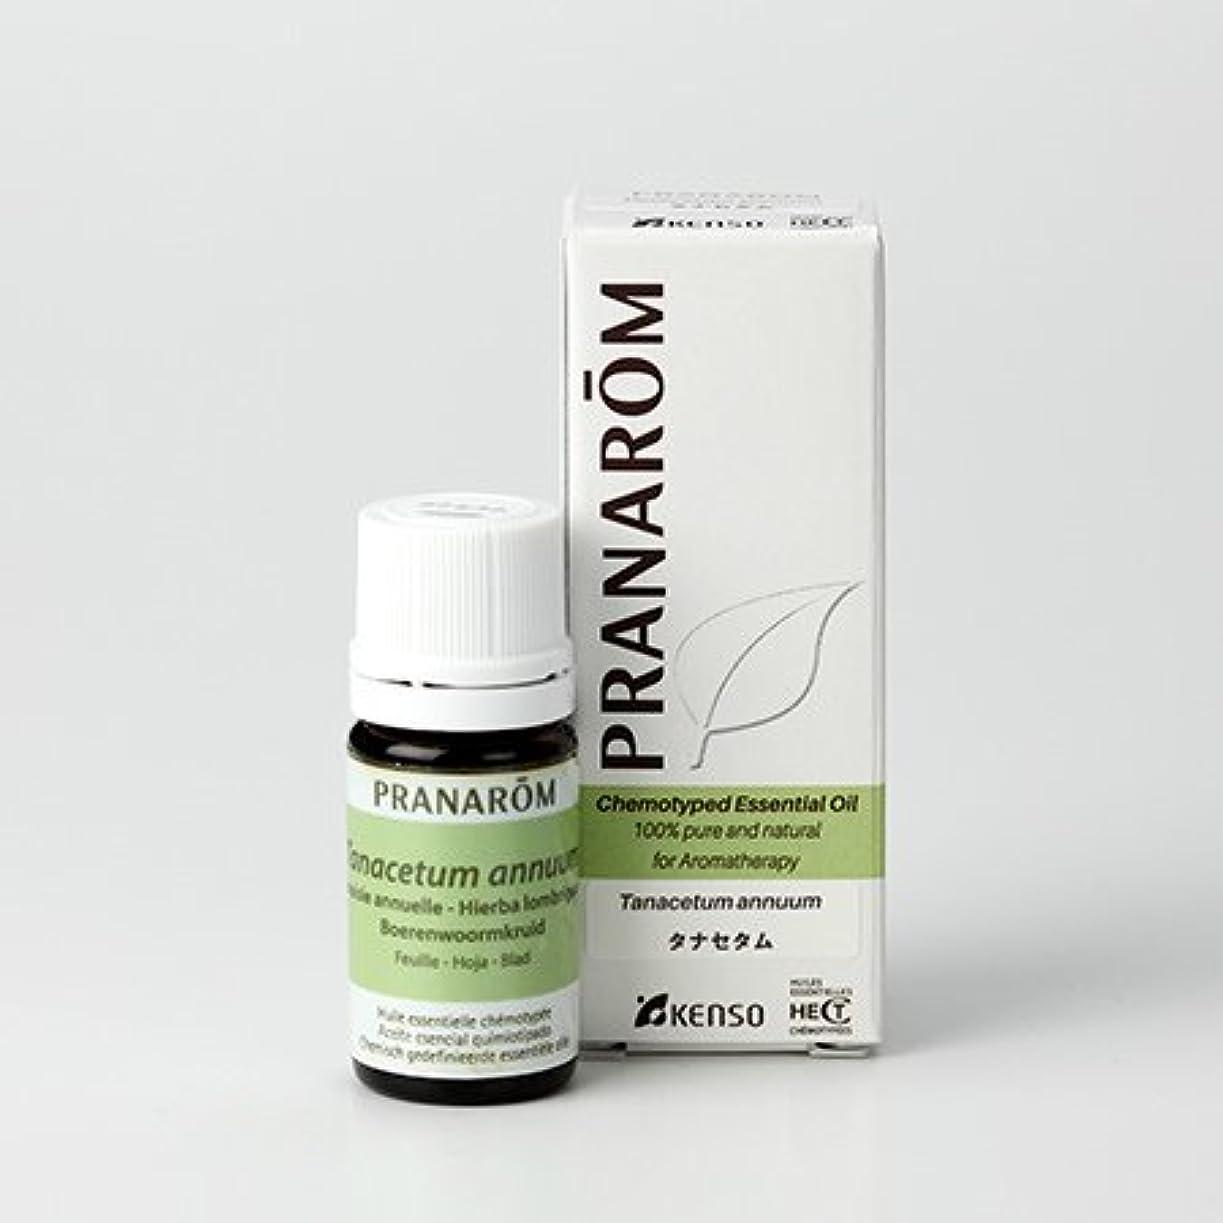 自分を引き上げるダウン適用するプラナロム タナセタム 5ml (PRANAROM ケモタイプ精油)